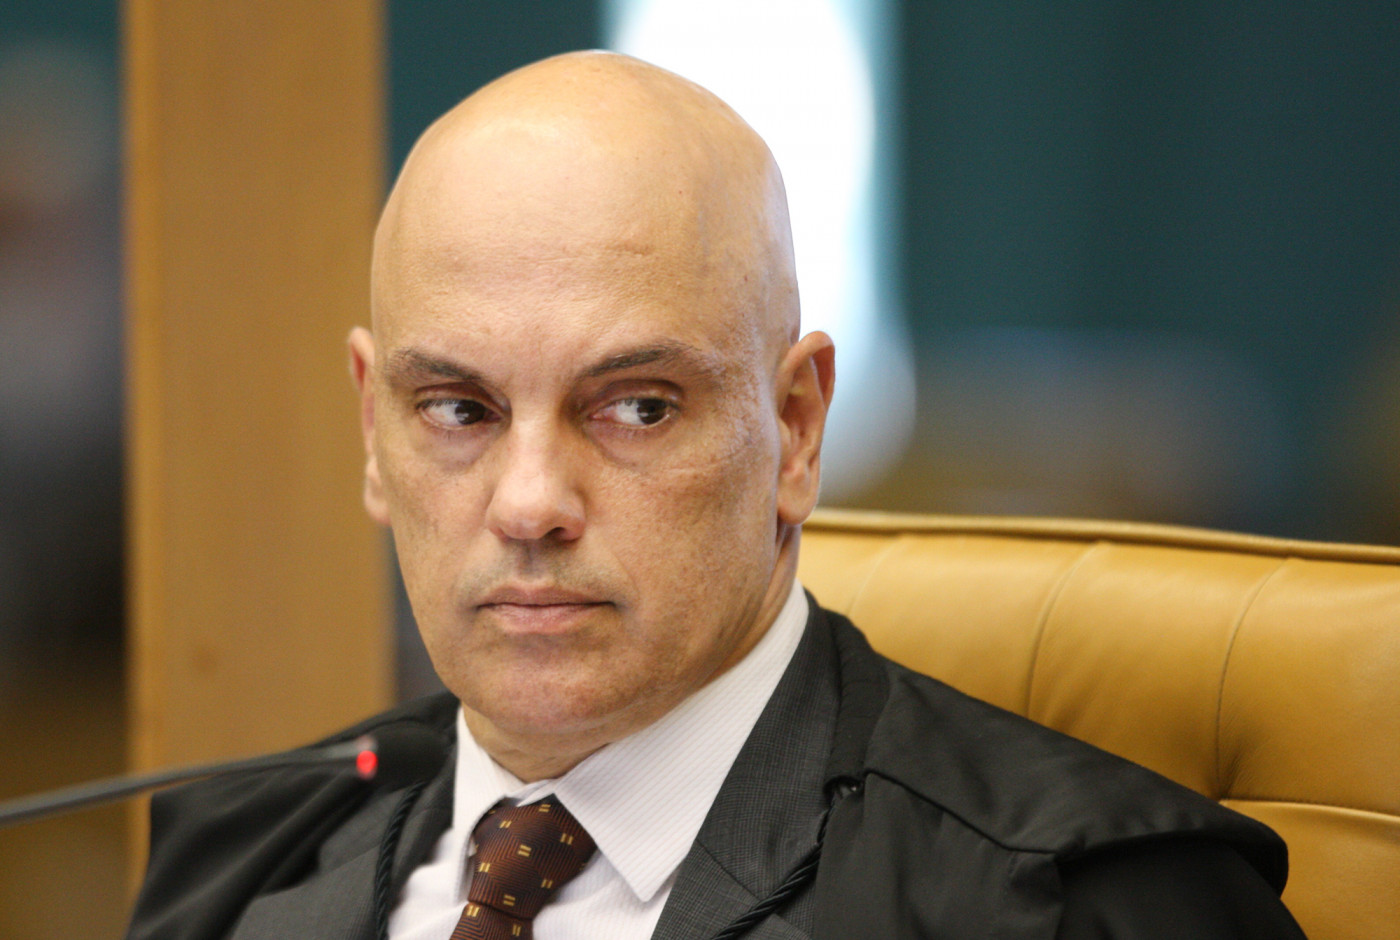 Ministro Alexandre de Moraes olhando com os olhos de canto, sentado em cadeira amarela, com terno vermelho, camisa branca e gravata bordô com bolinhas